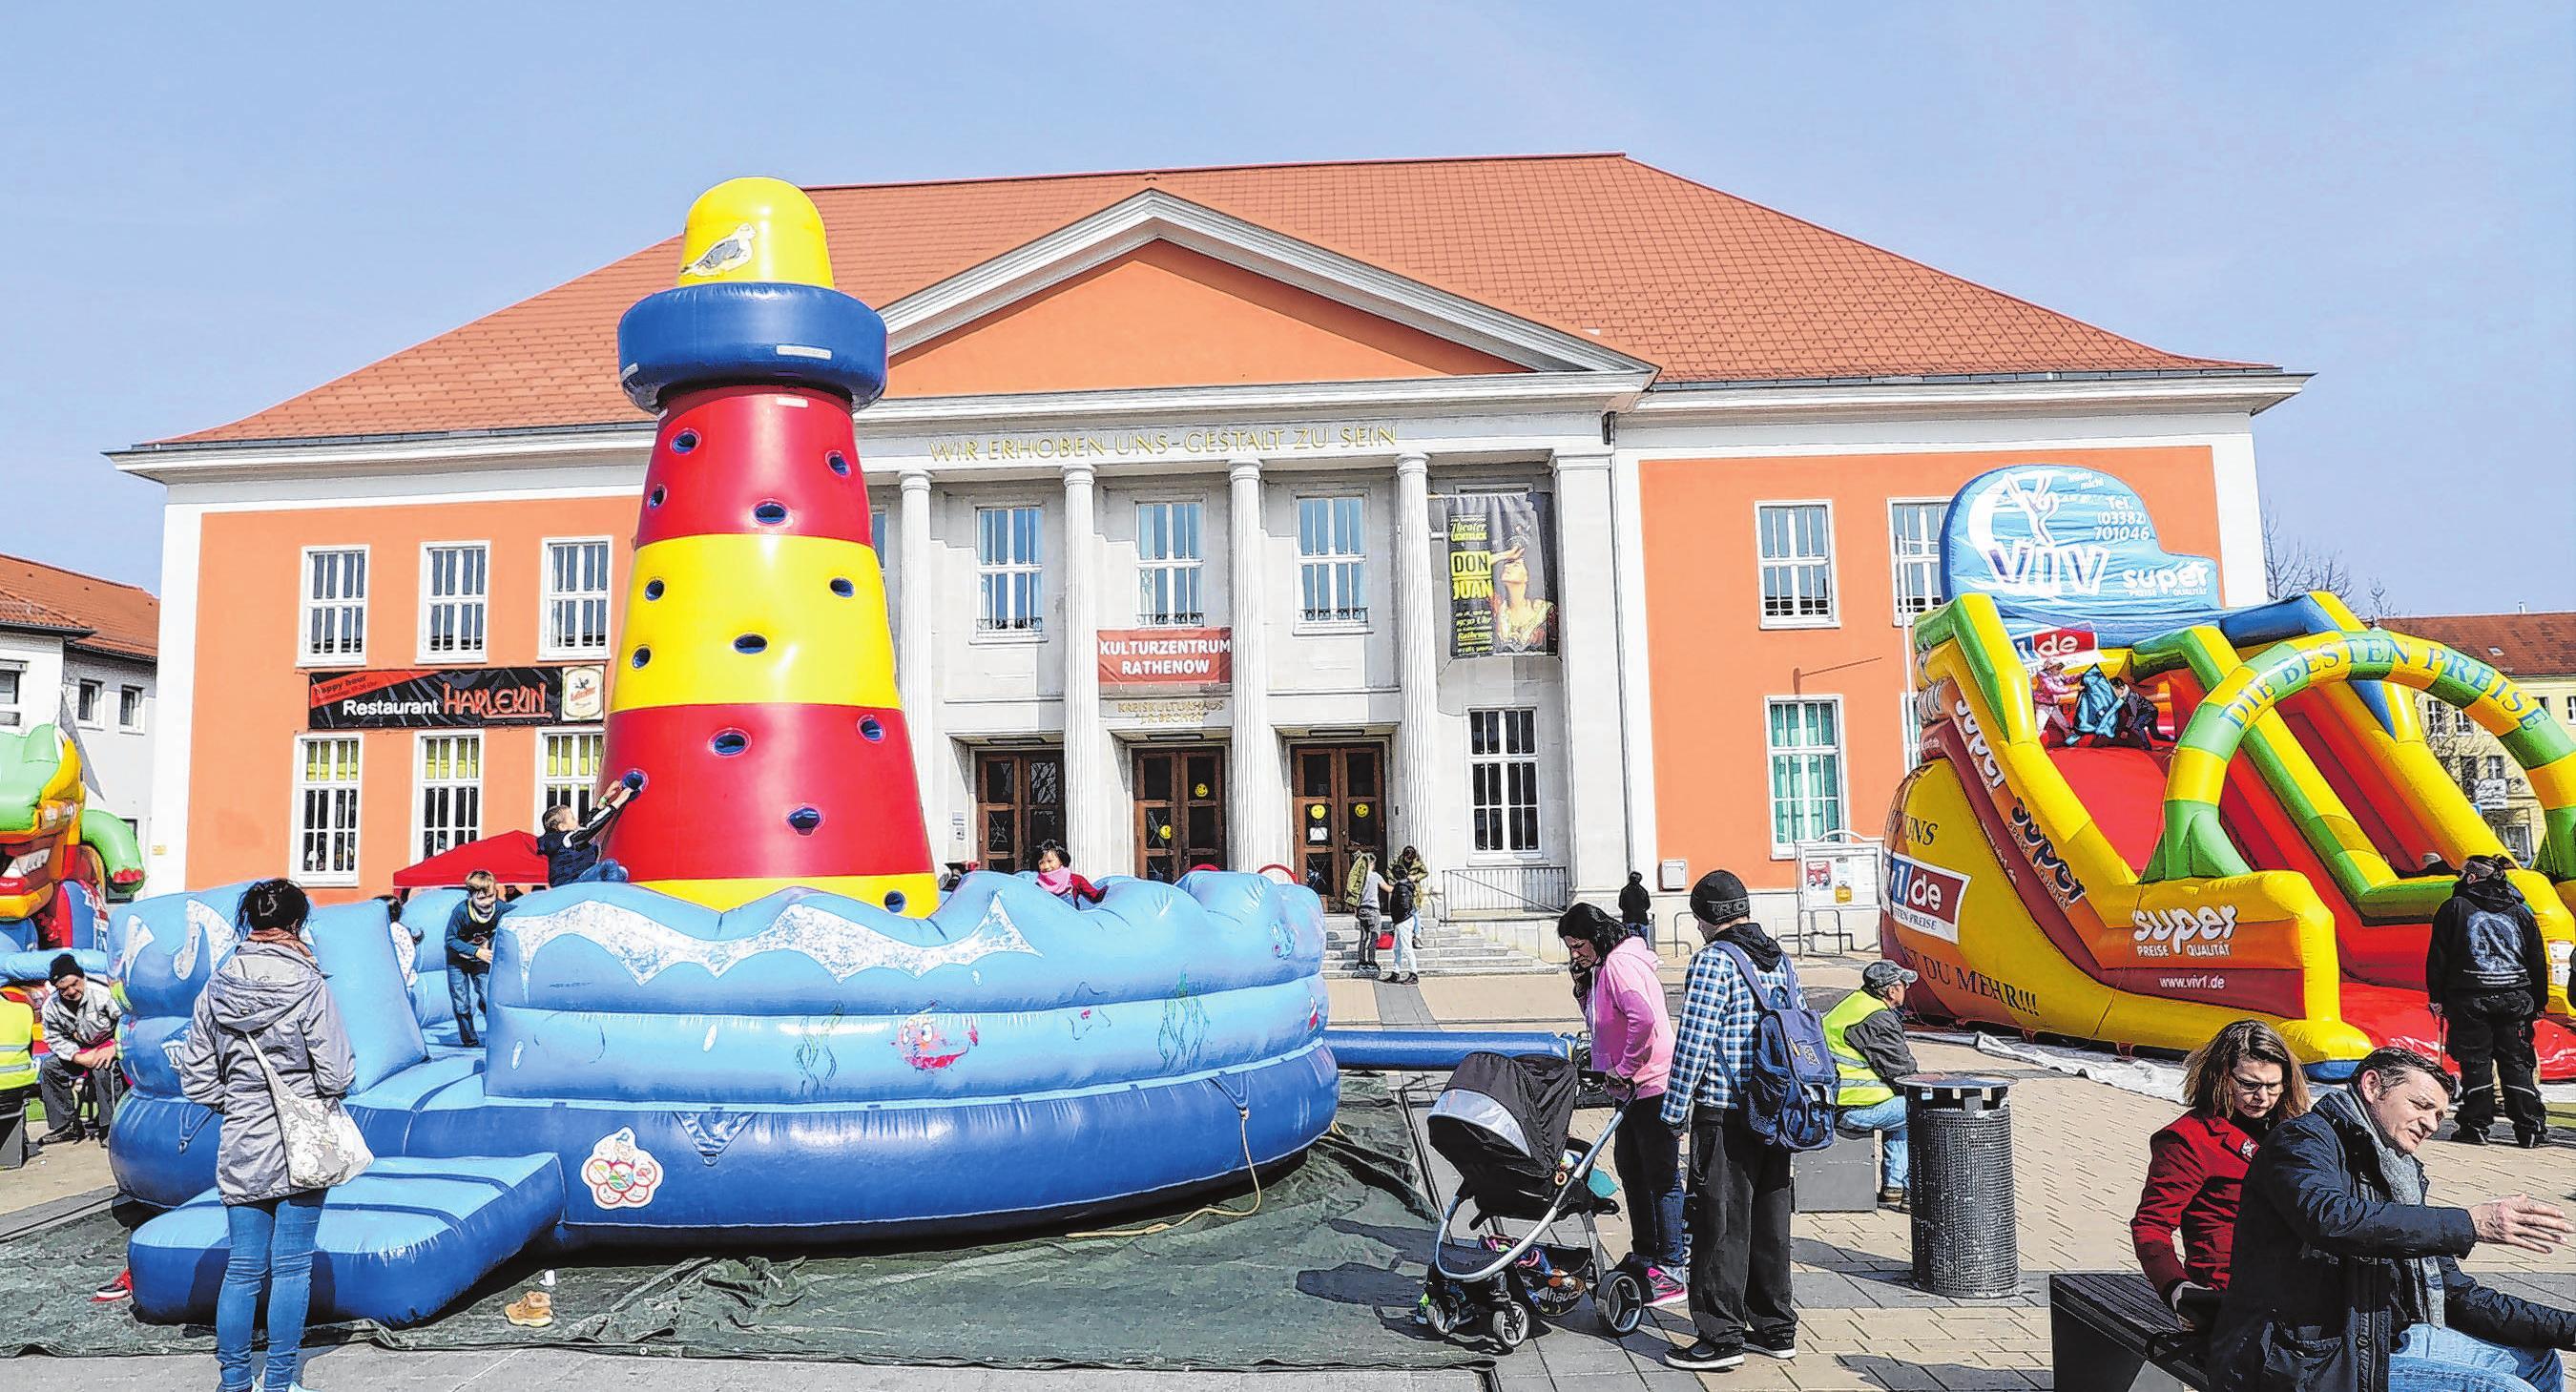 Kinderspaßwelt auf dem Märkischen Platz. Foto: Weber